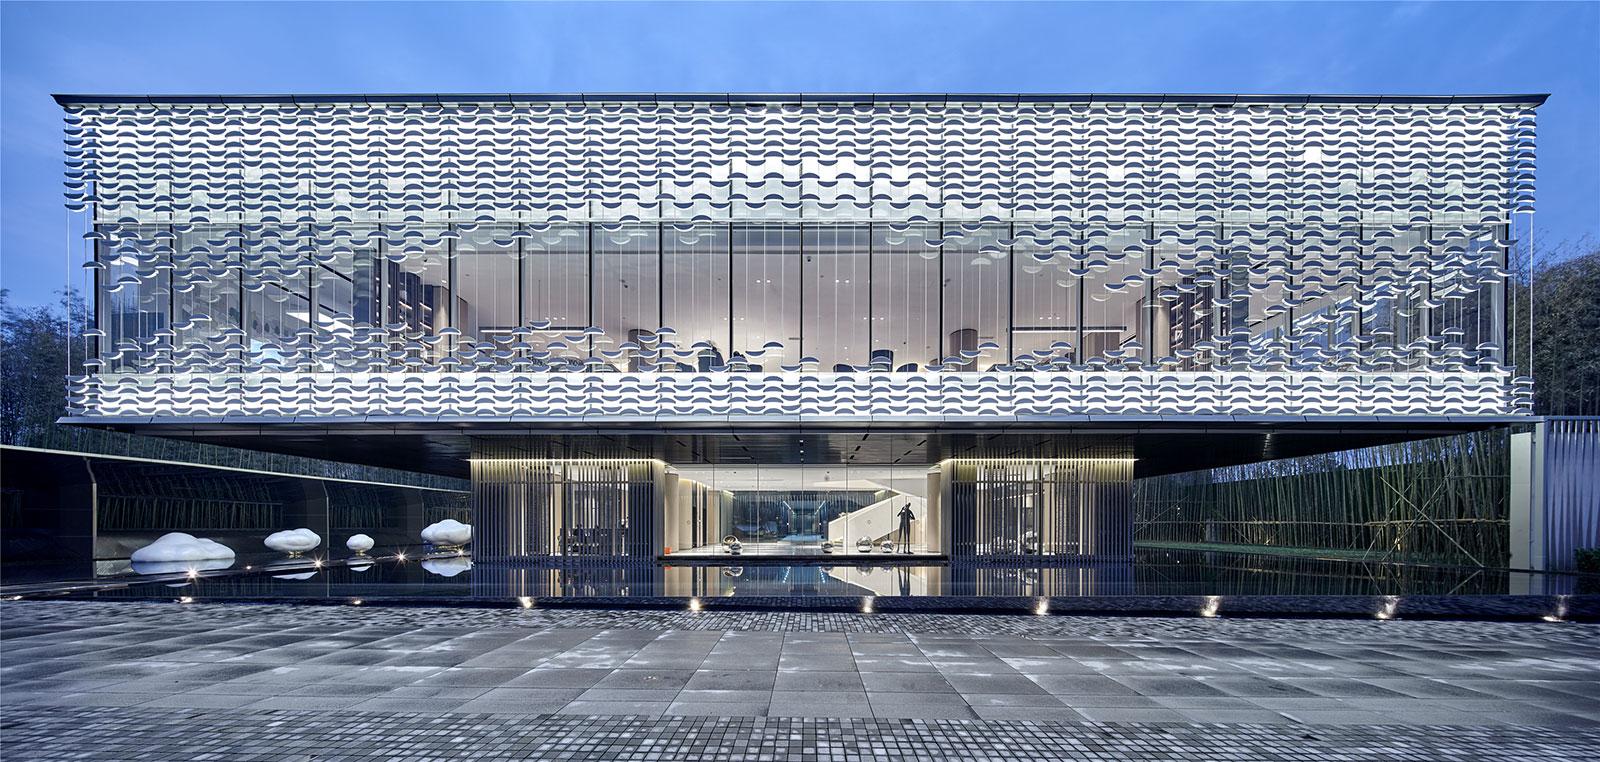 浙江杭州东原印未来生活体验中心建筑设计/上海天华